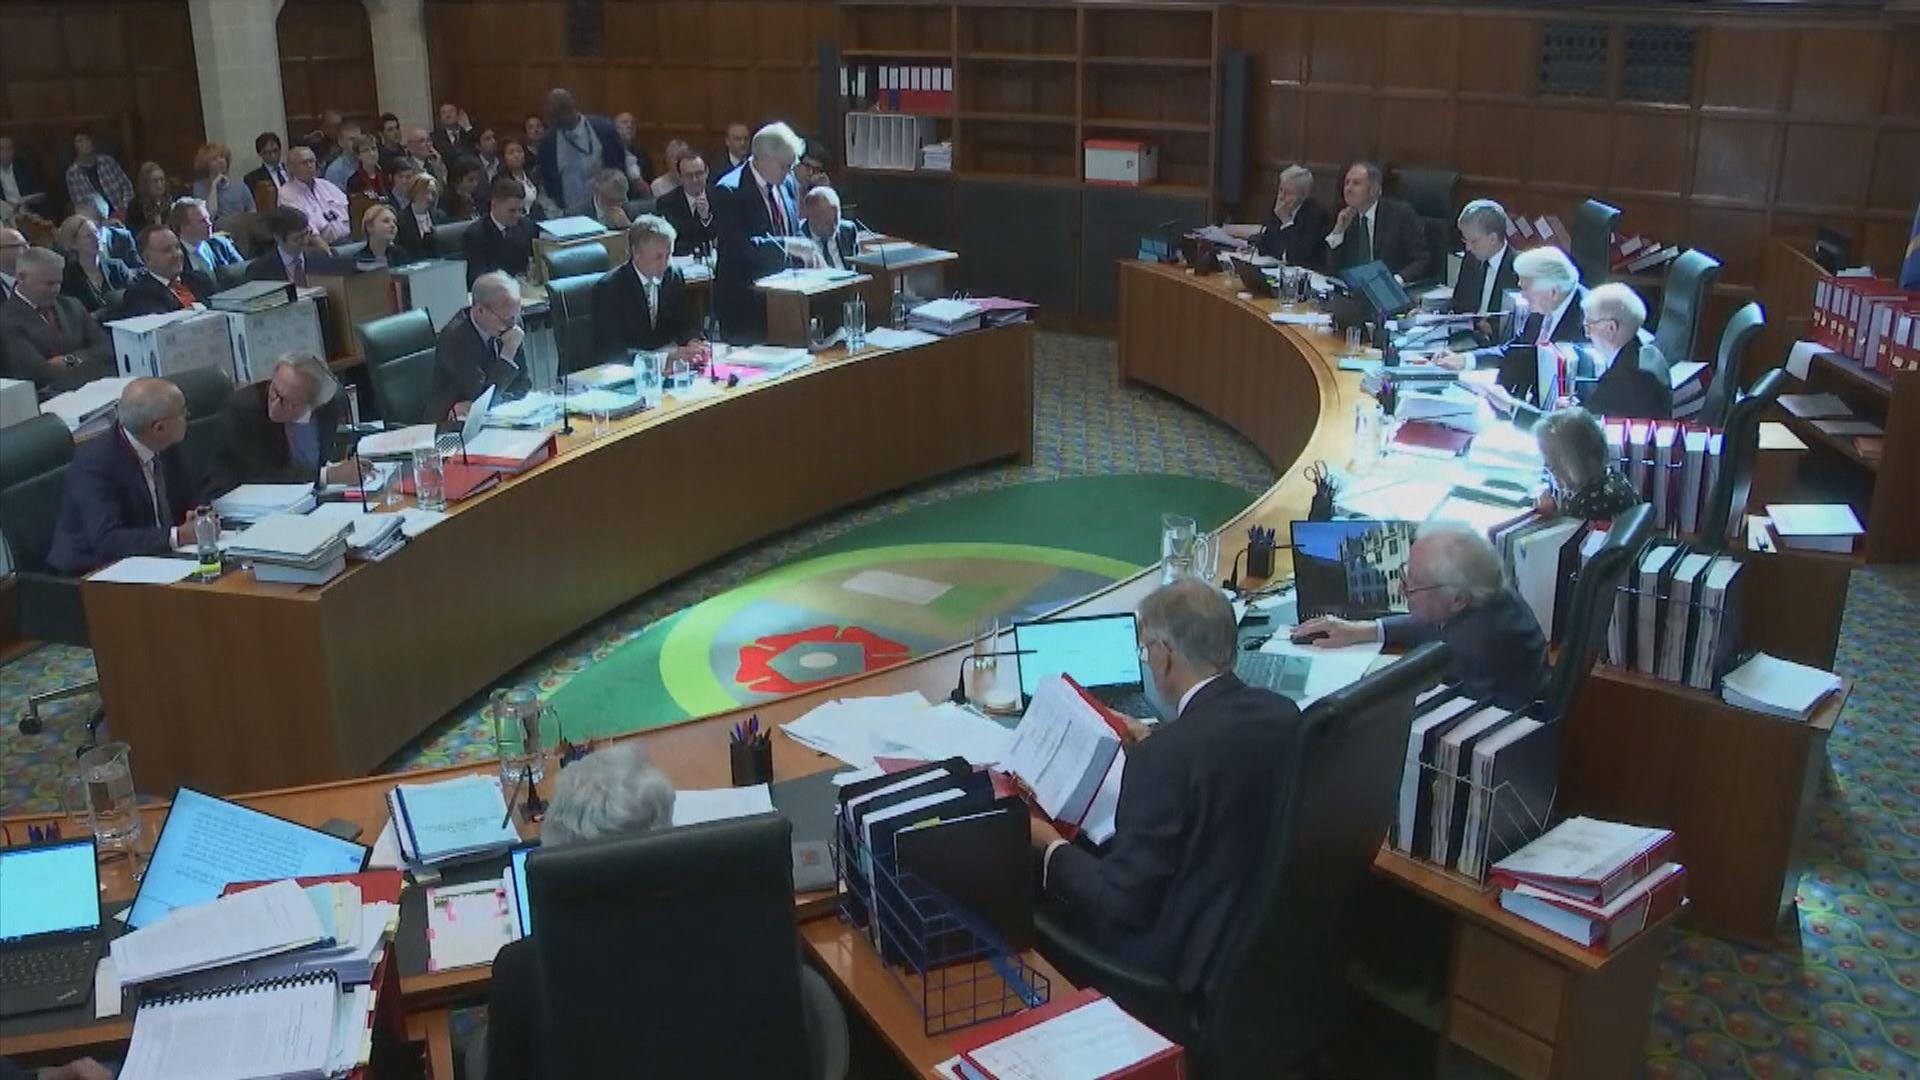 英政府代表律師:約翰遜或再尋求國會休會